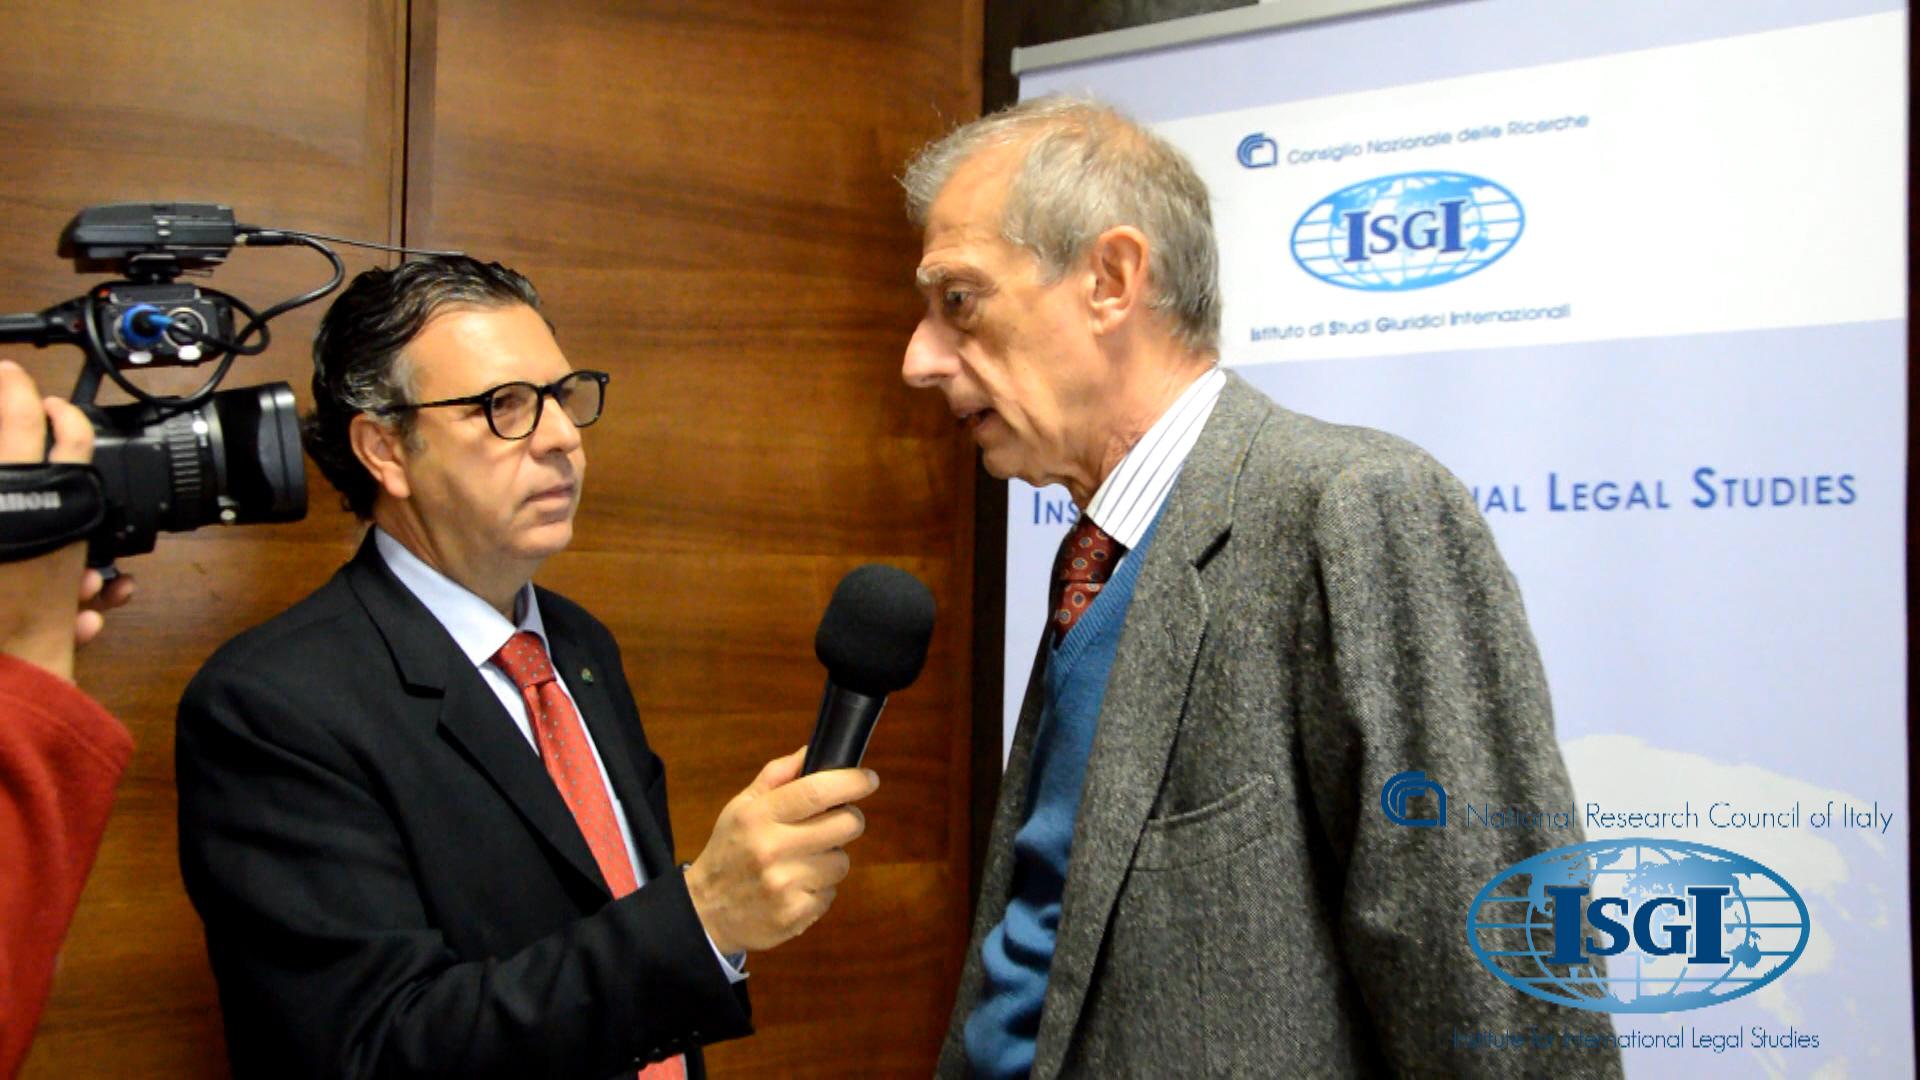 """Intervista a Piero Fassino, Presidente ANCI al convegno """"1996-2016: a 20 anni dalla Carta Sociale """"riveduta"""" il contributo italiano al sistema europeo di tutela dei diritti sociali"""""""